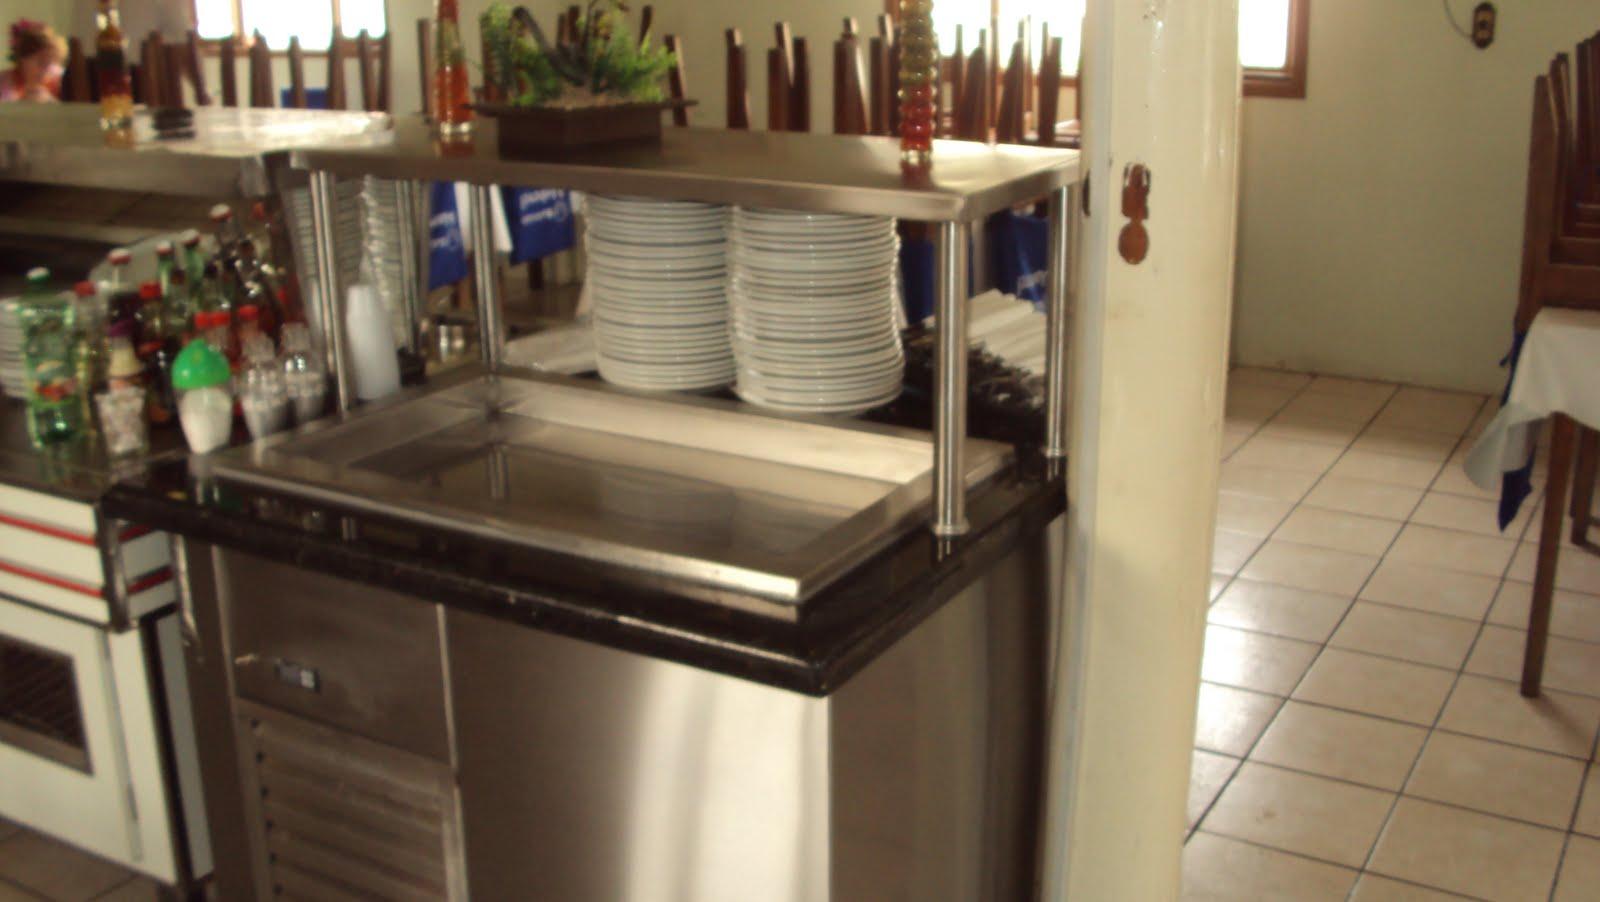 Ideal Cozinhas Industriais: Balcão Refrigerado para Sobremesa #91773A 1600 902